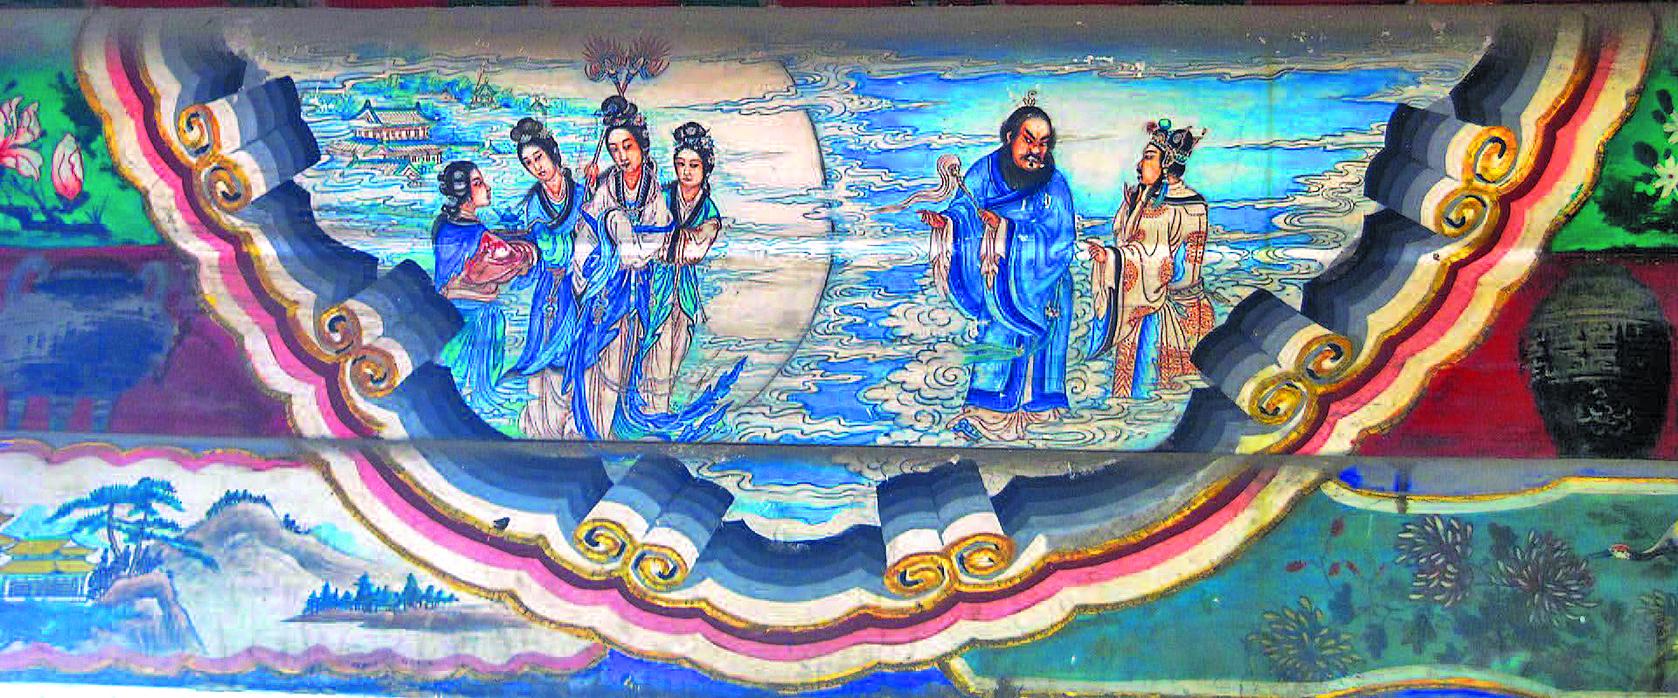 頤和園長廊彩繪《唐玄宗遊月宮》(Shizhao/維基百科)